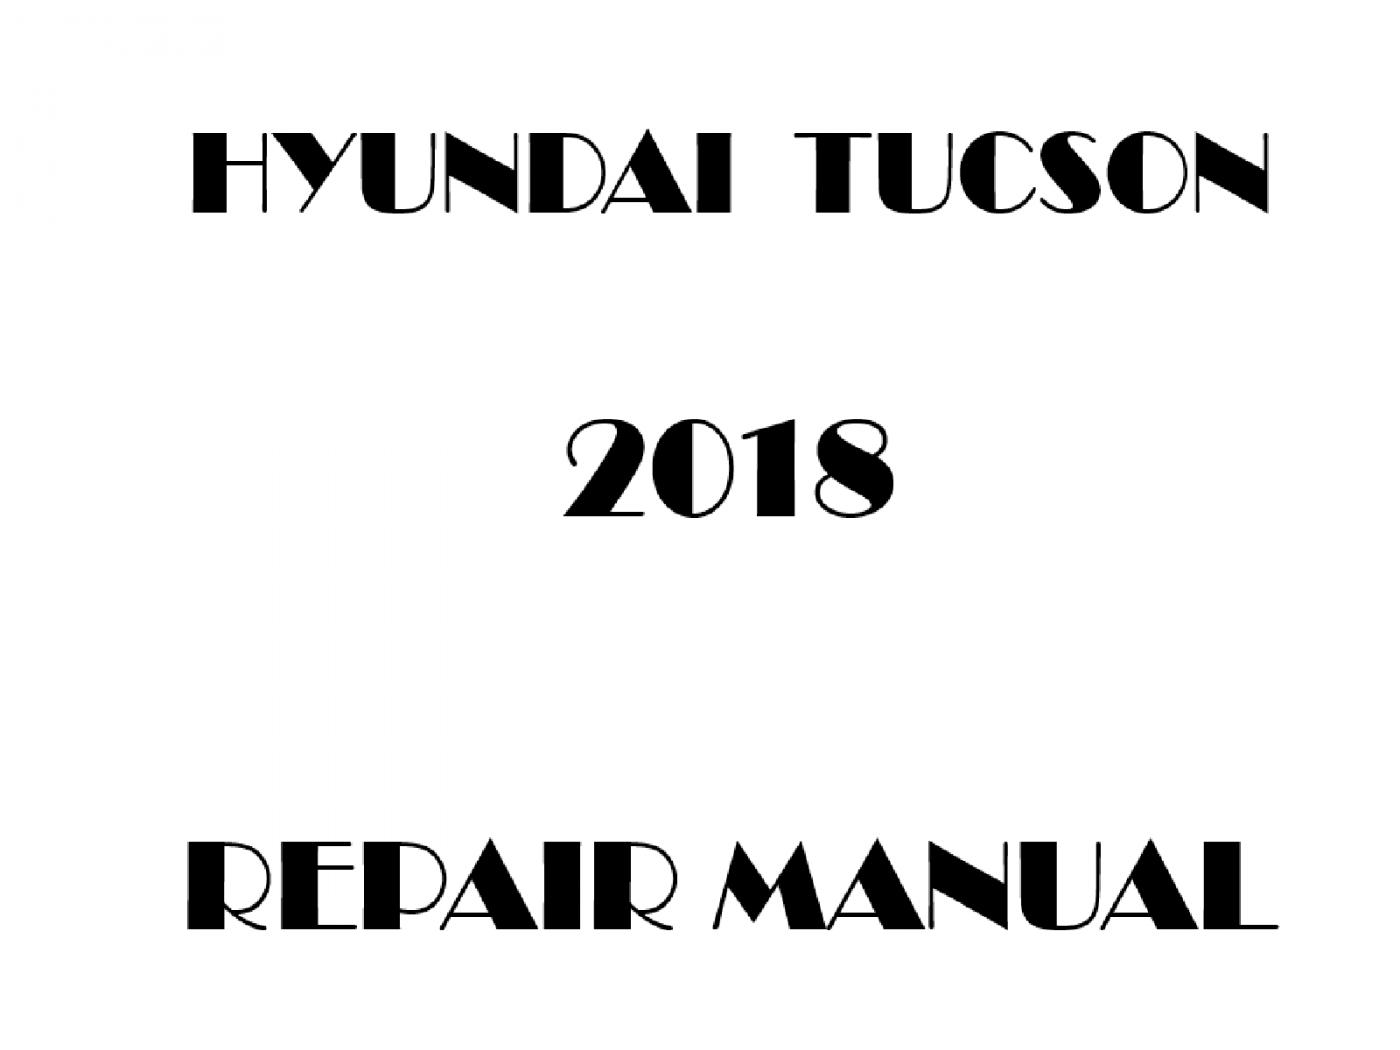 2018 Hyundai Tucson repair manual